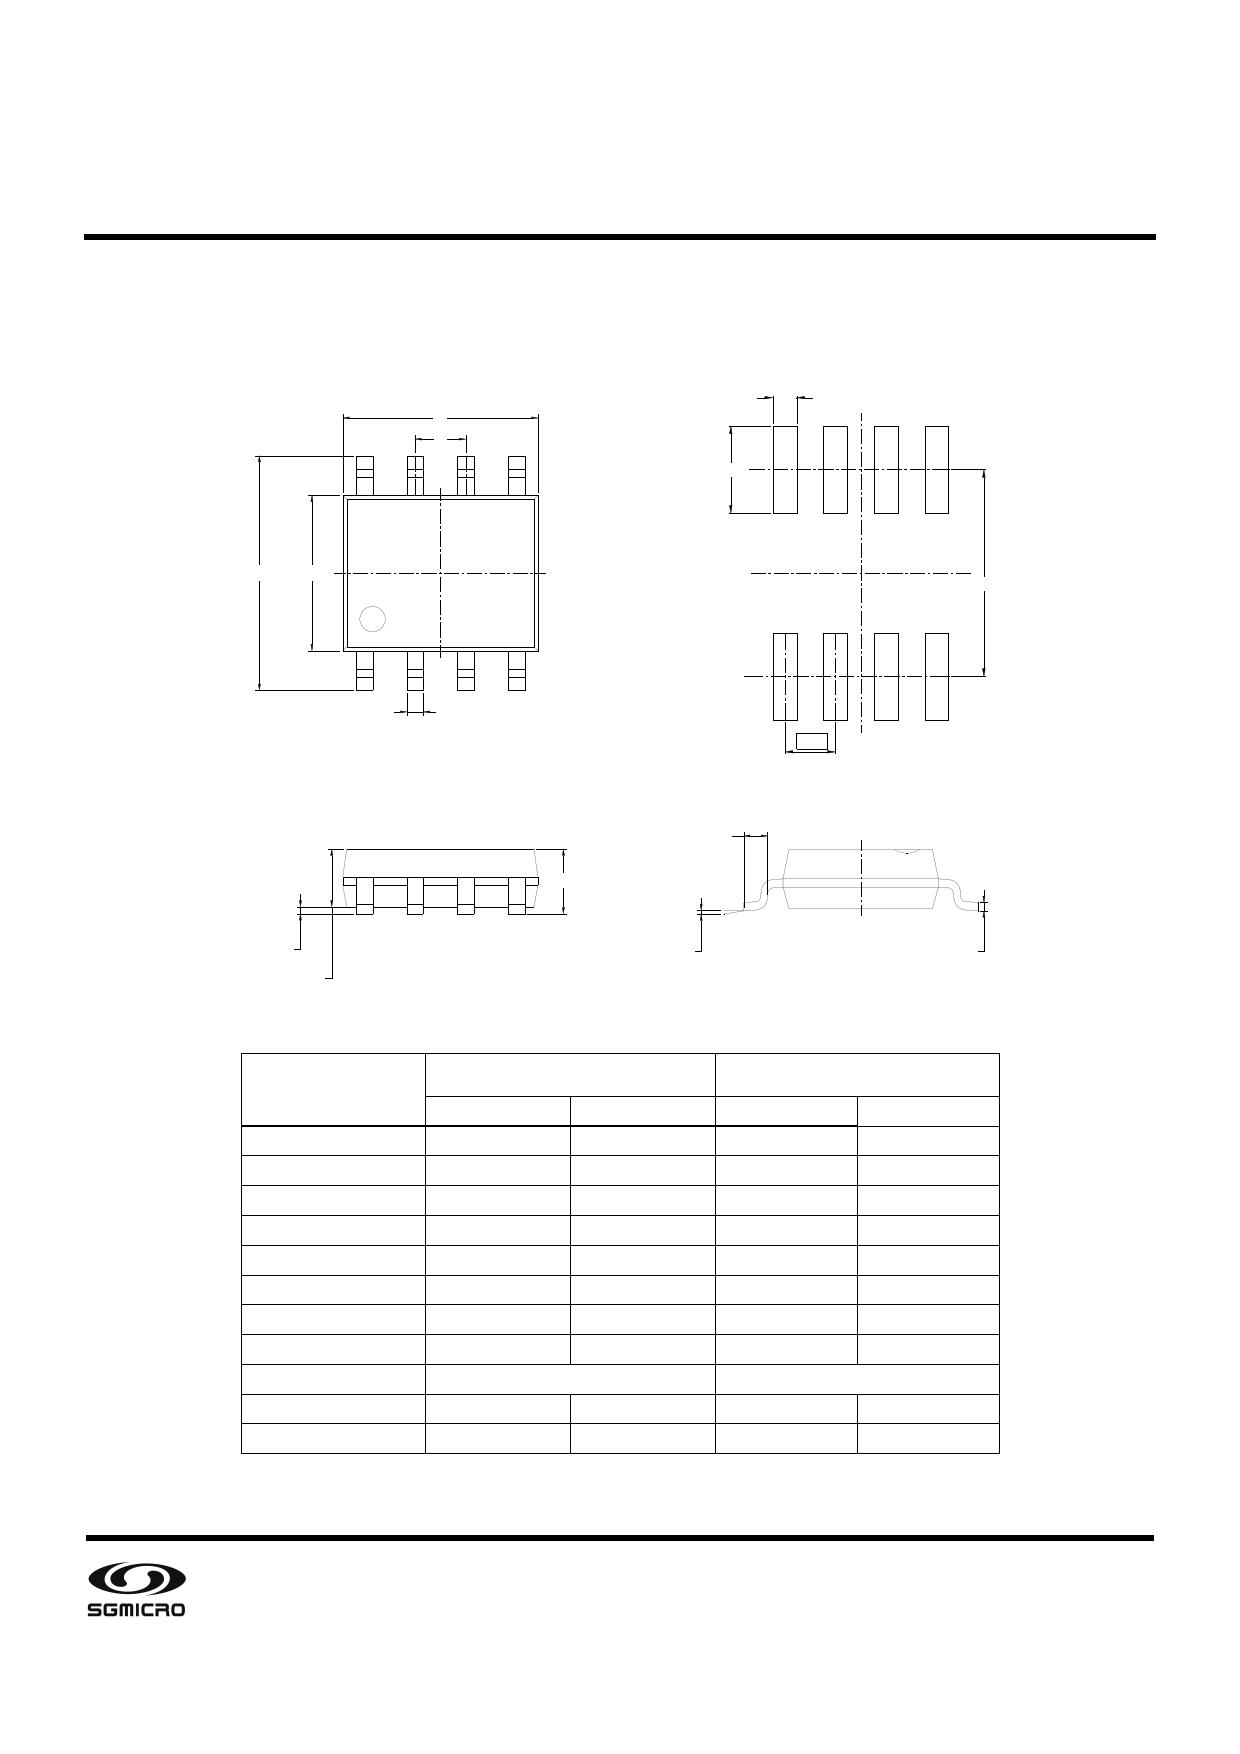 SGM8942 diode, scr